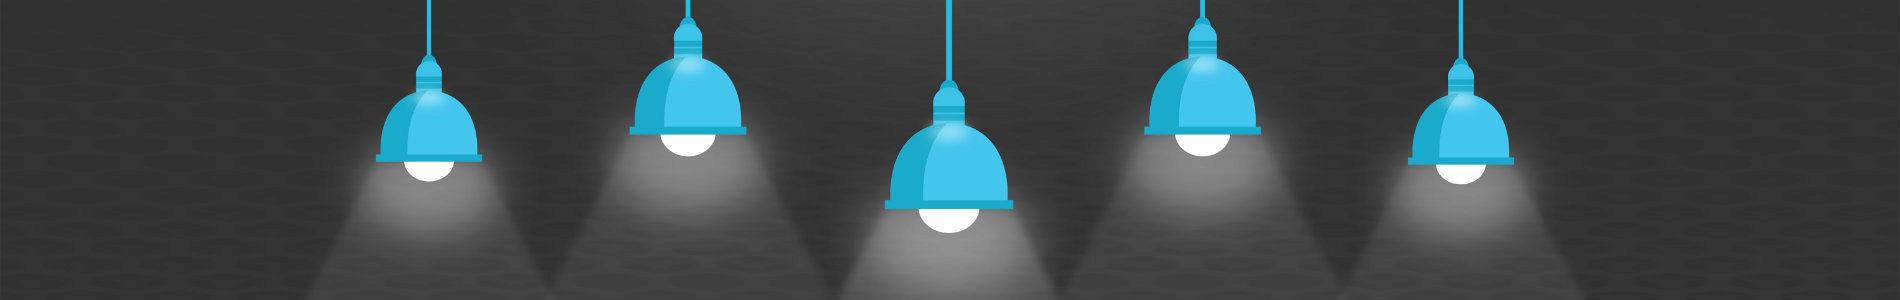 Illustration of ceiling lights